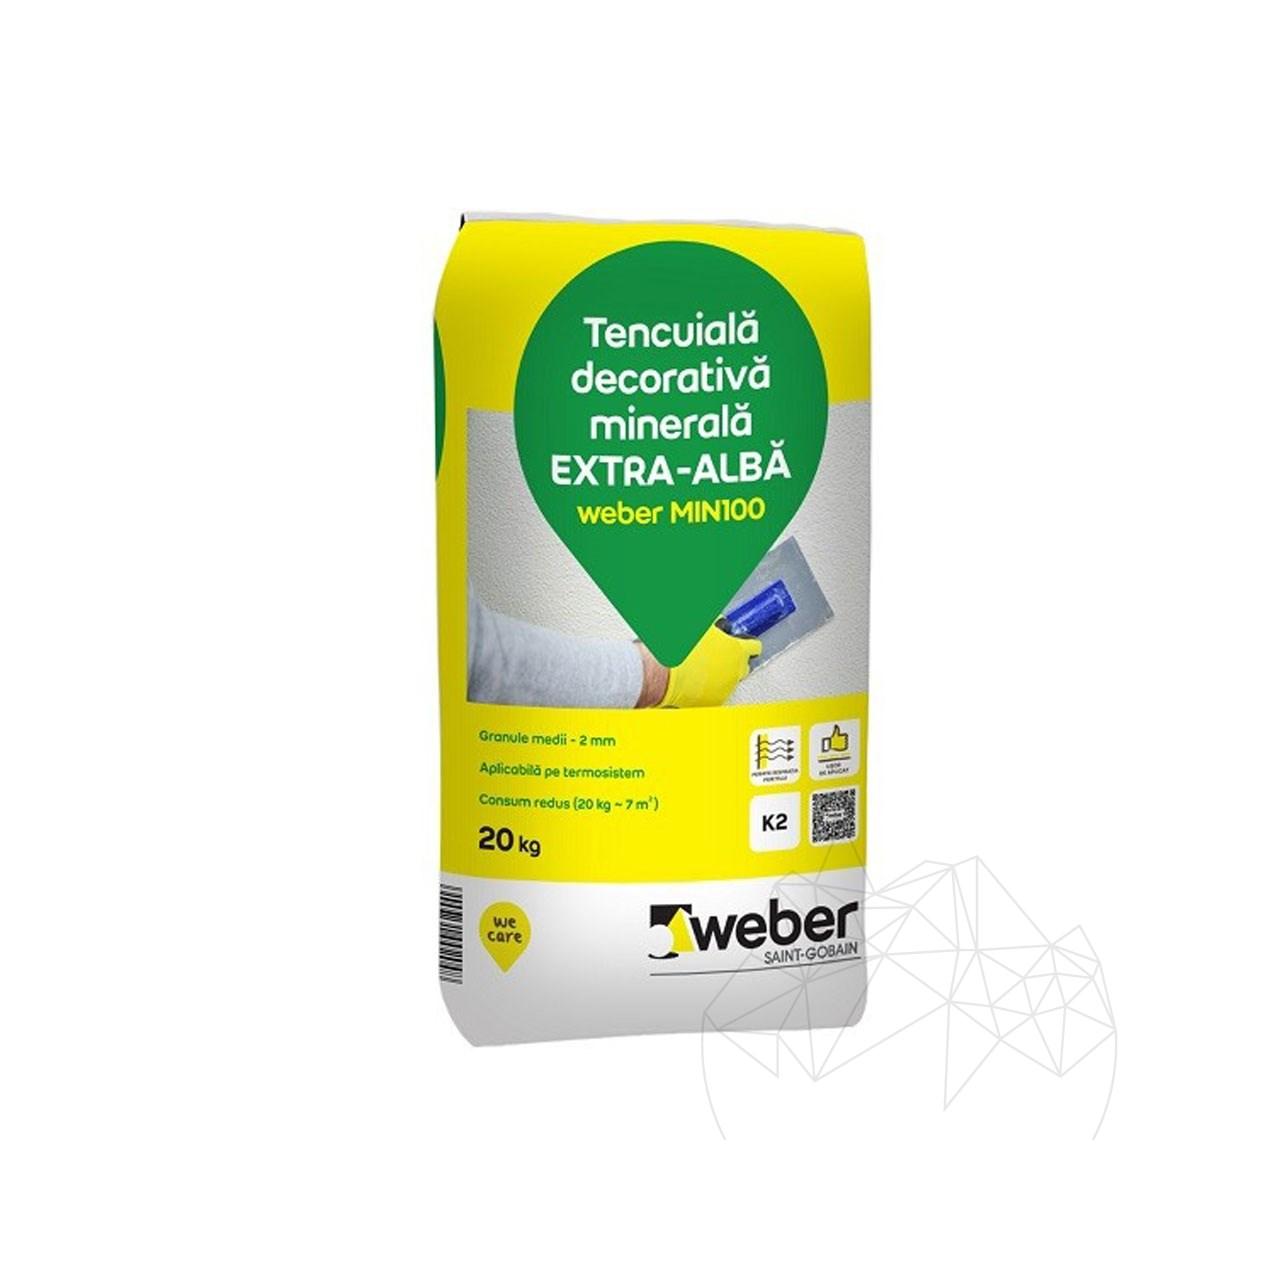 Tencuiala decorativa minerala - Weber MIN100 - K 2 - 20 KG